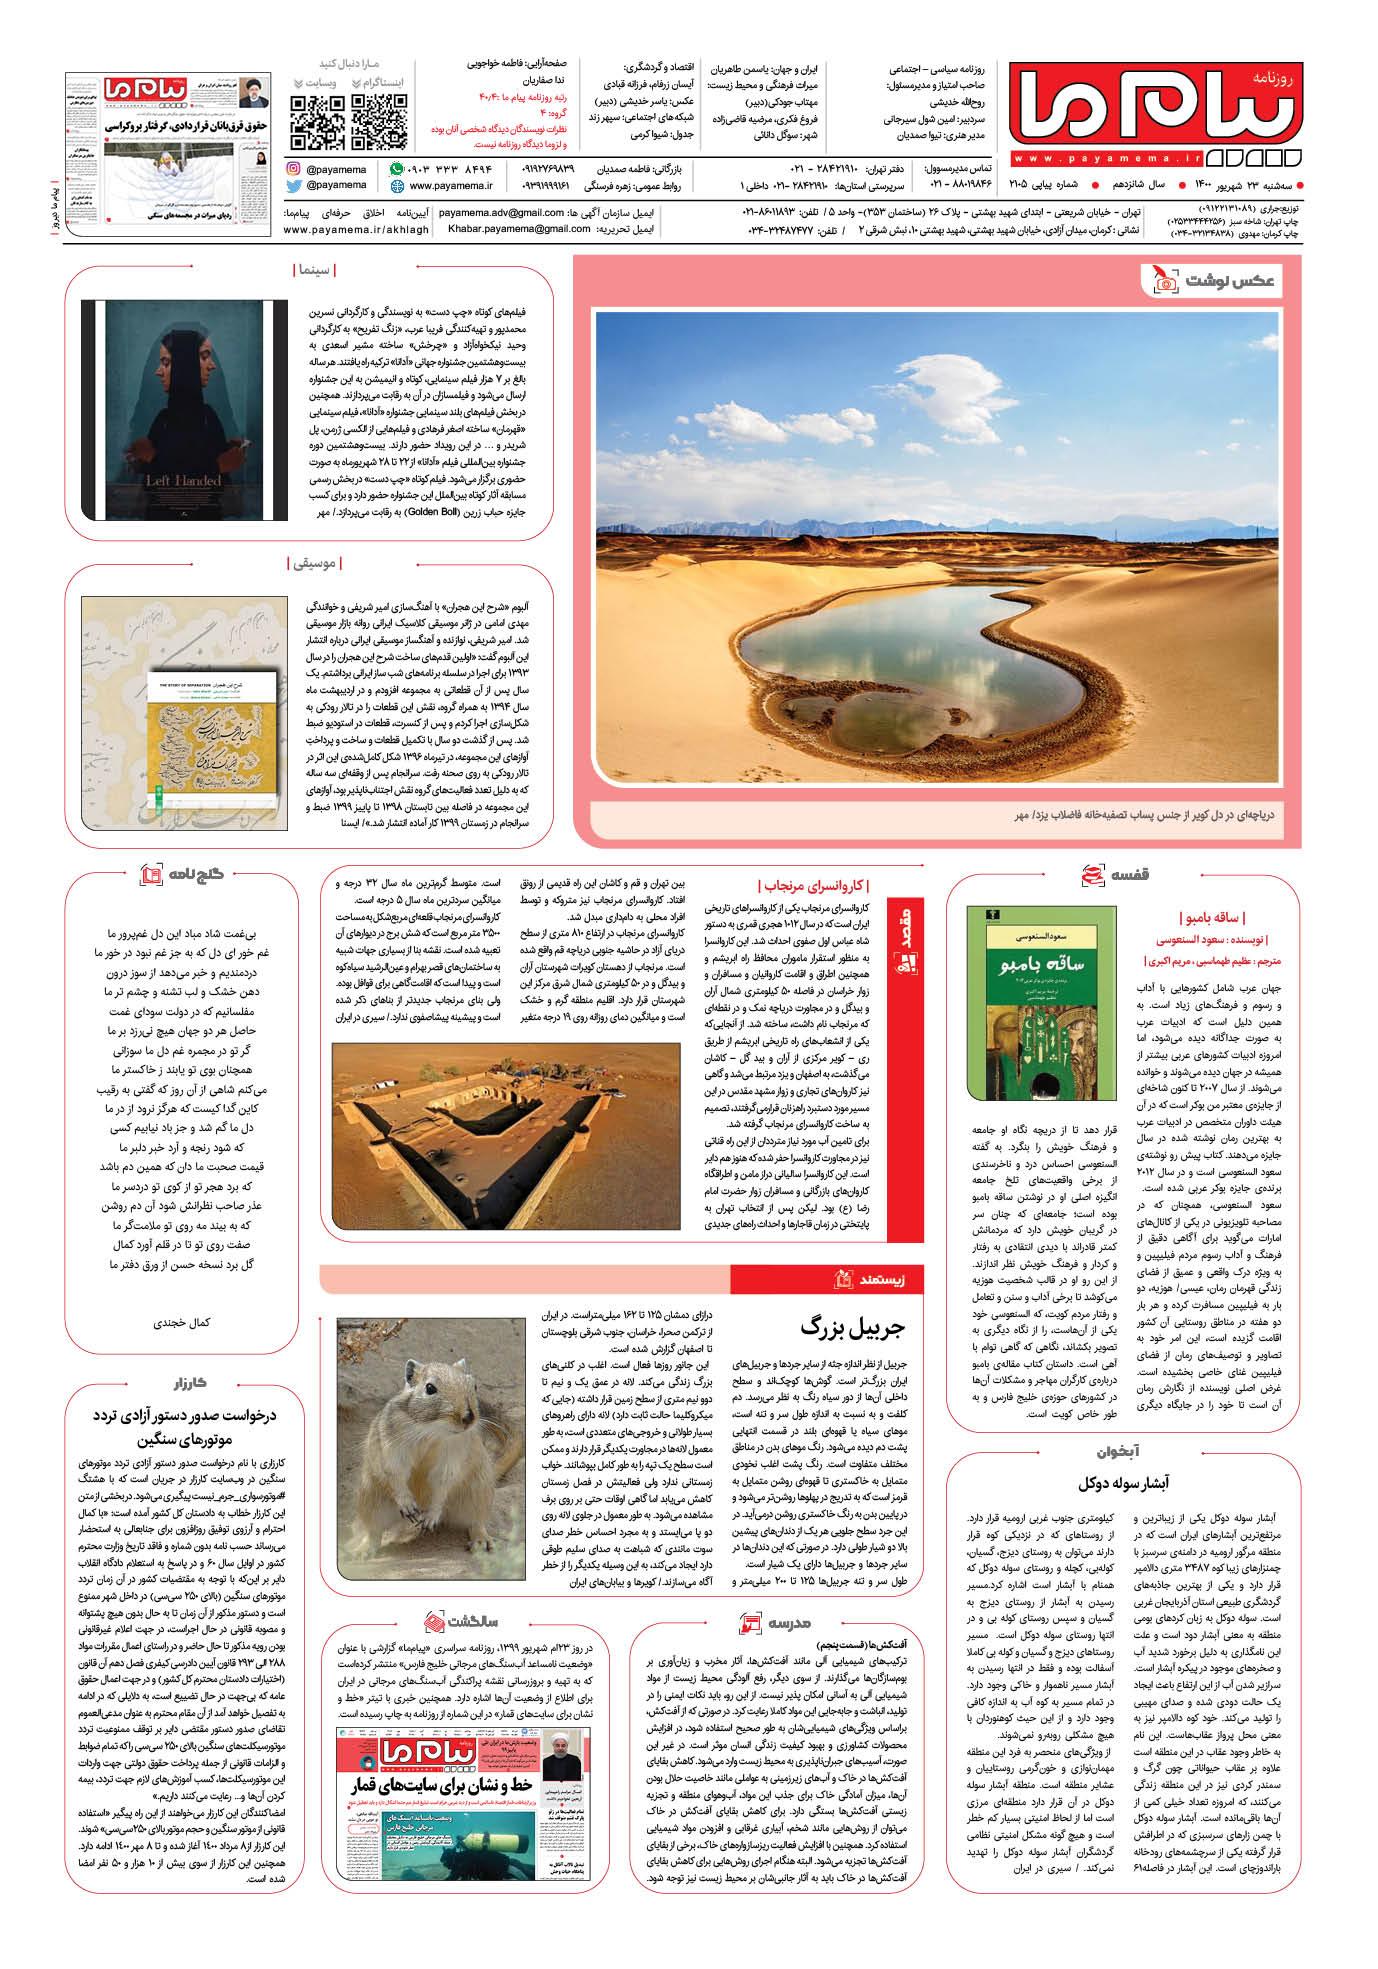 صفحه آخر شماره 2105 روزنامه پیام ما